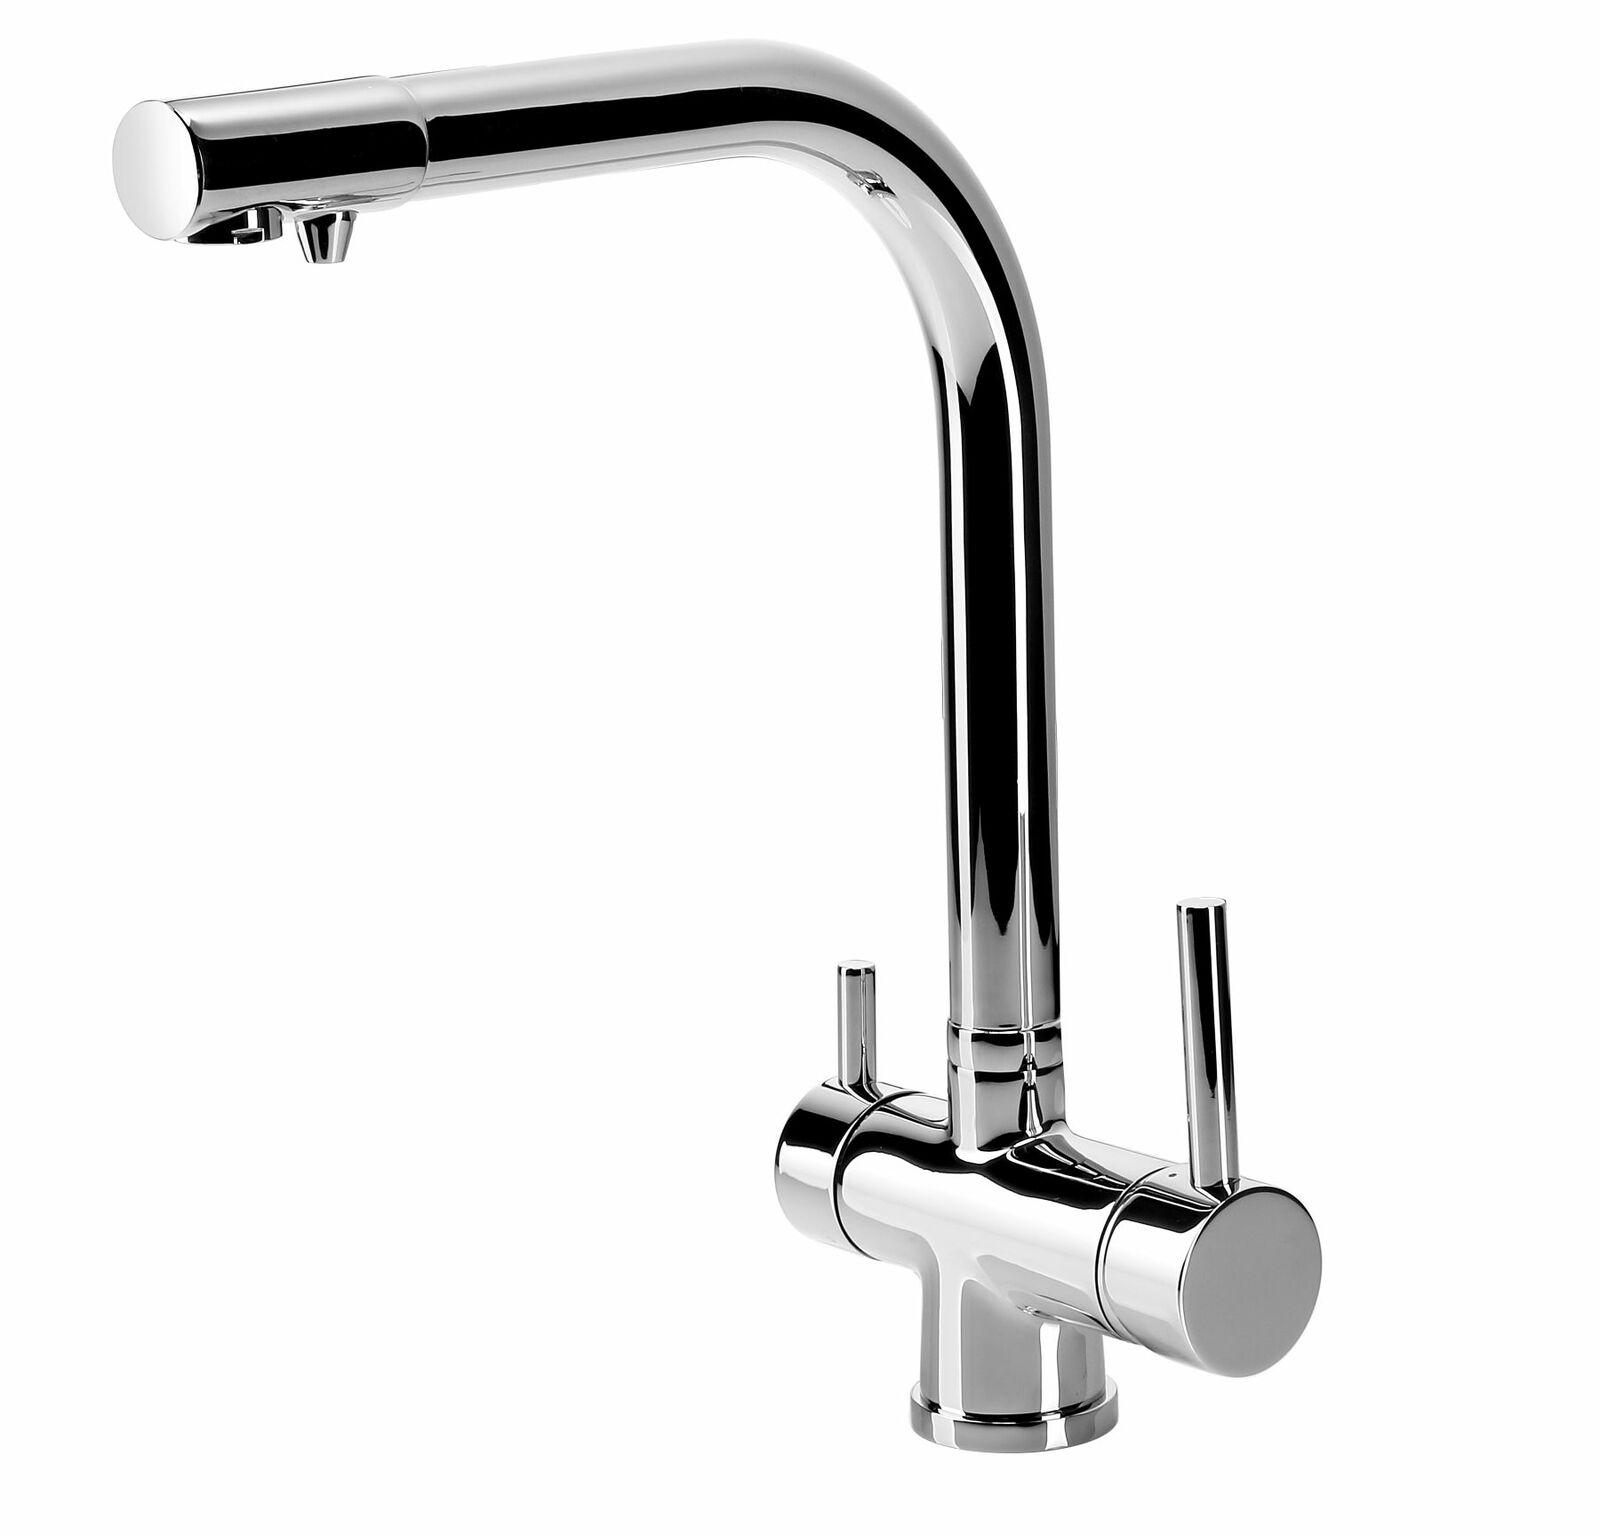 Küchenarmatur mit Wasserfilteranschluss Drei Wege Wasserhahn Spültischarmatur AA